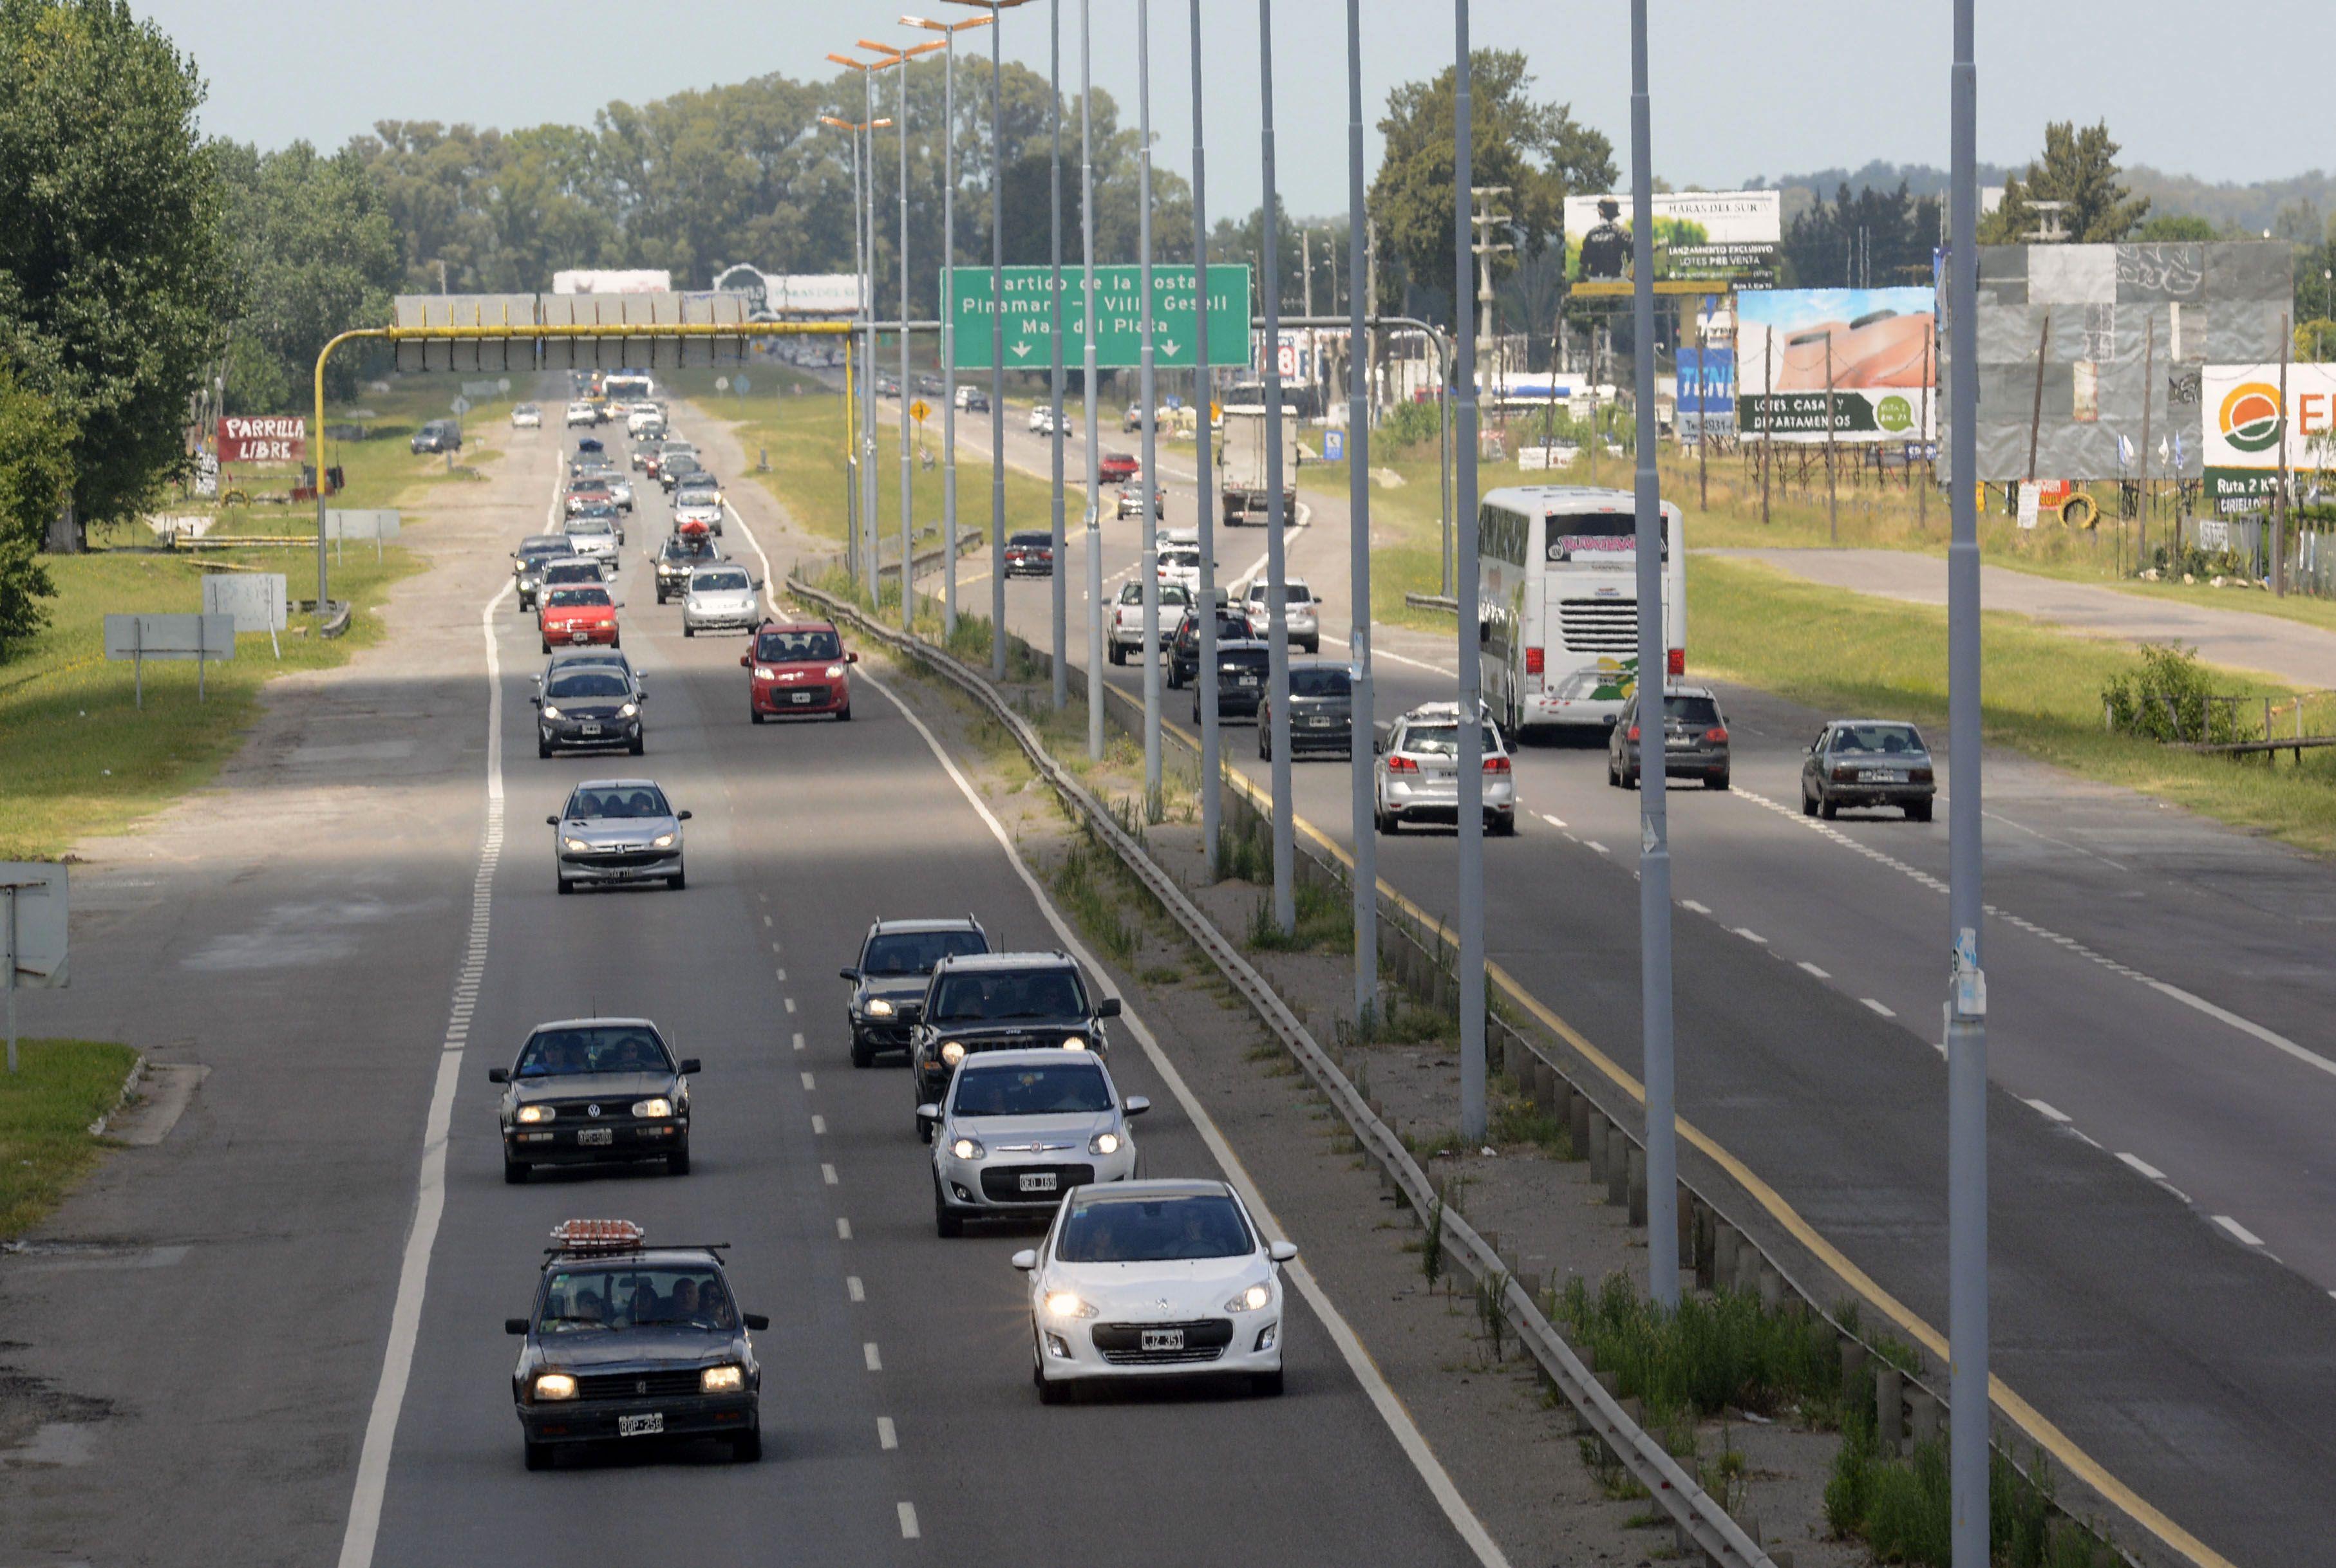 Por el alto tránsito en la Autovía 2 debido al final de las vacaciones de verano 2020, restringen la circulación de camiones